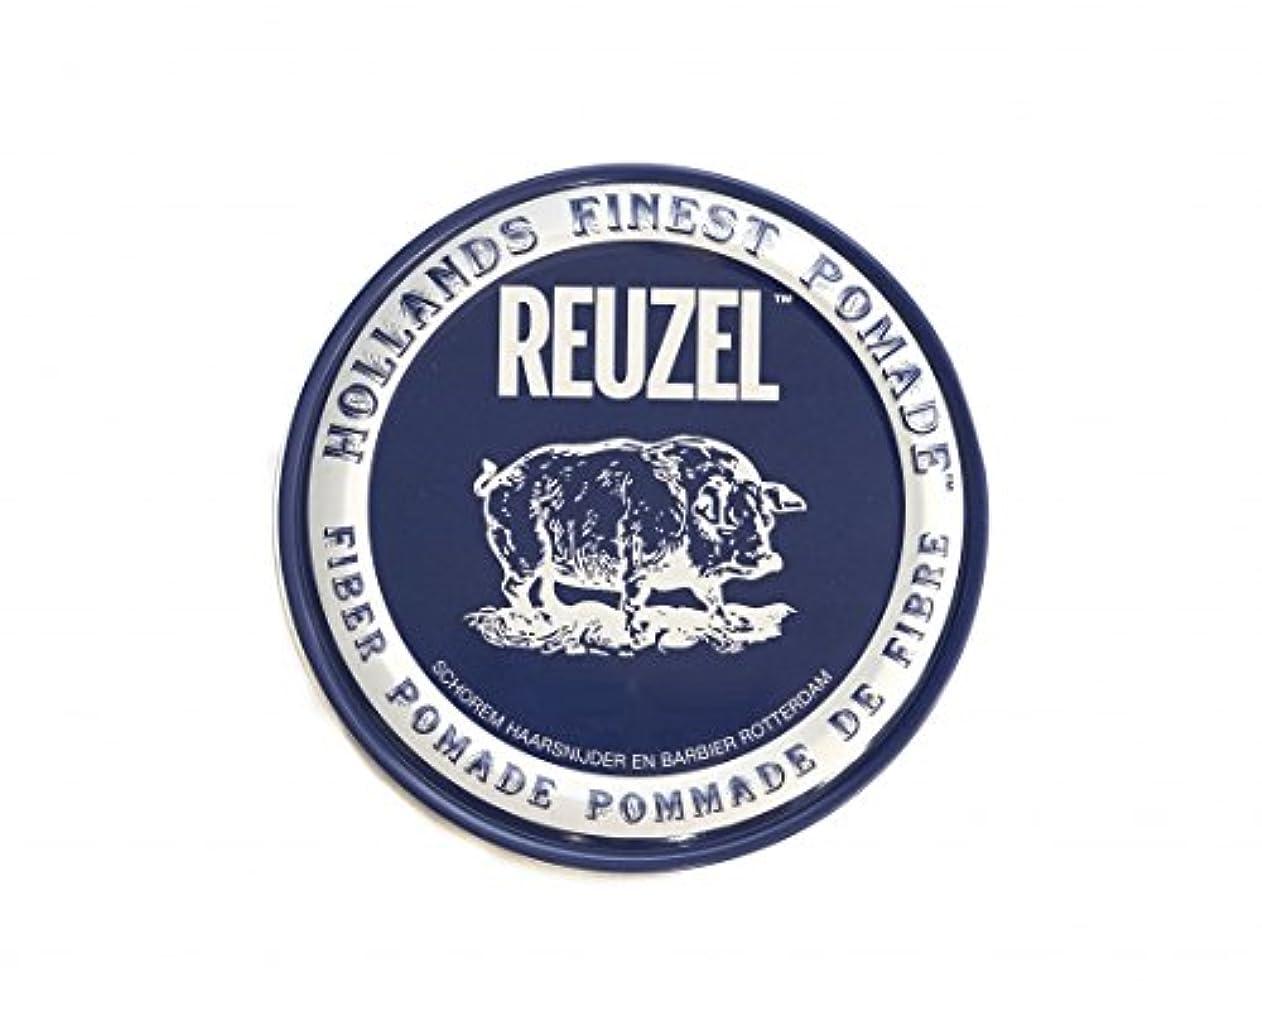 に変わる反逆者現実にはルーゾー REUZEL ファイバーポマード ネイビー 113g